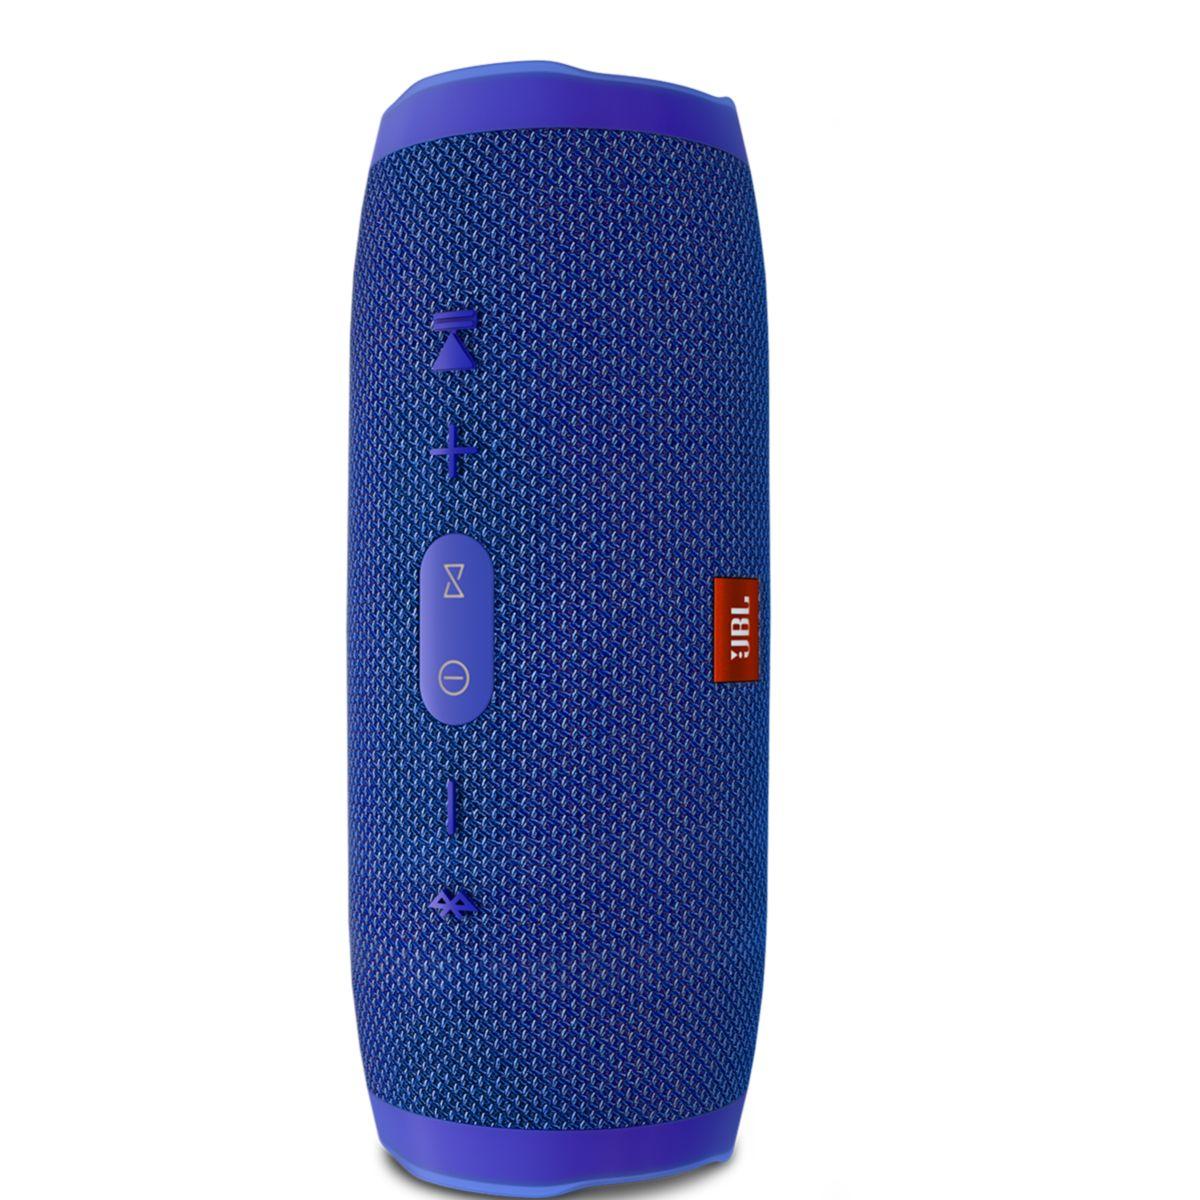 Enceinte nomade JBL Charge 3 bleu